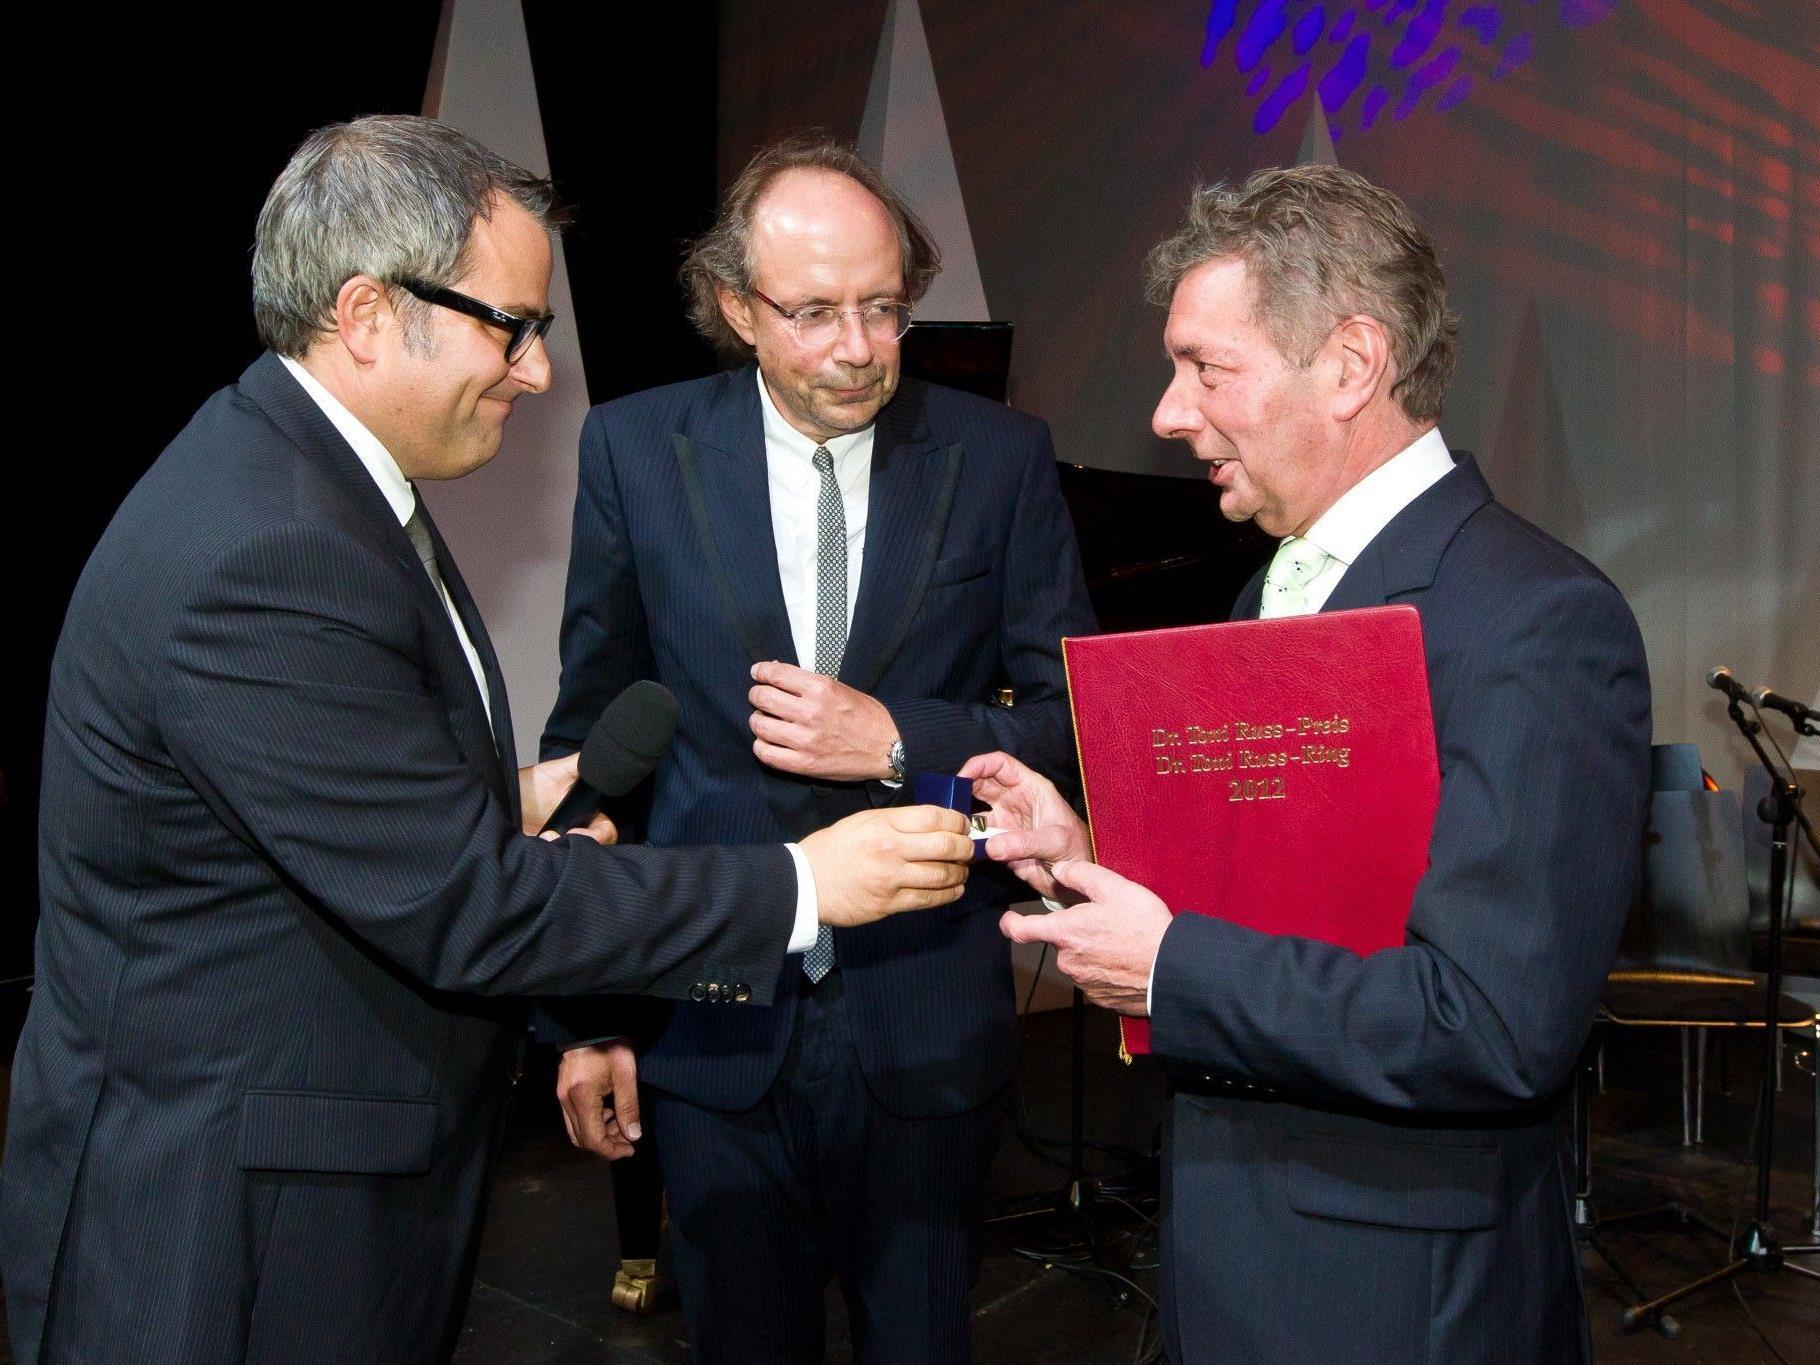 VN-Chefredakteur Christian Ortner, Herausgeber Eugen A. Russ, Russ-Preisträger Gebhard Mathis.